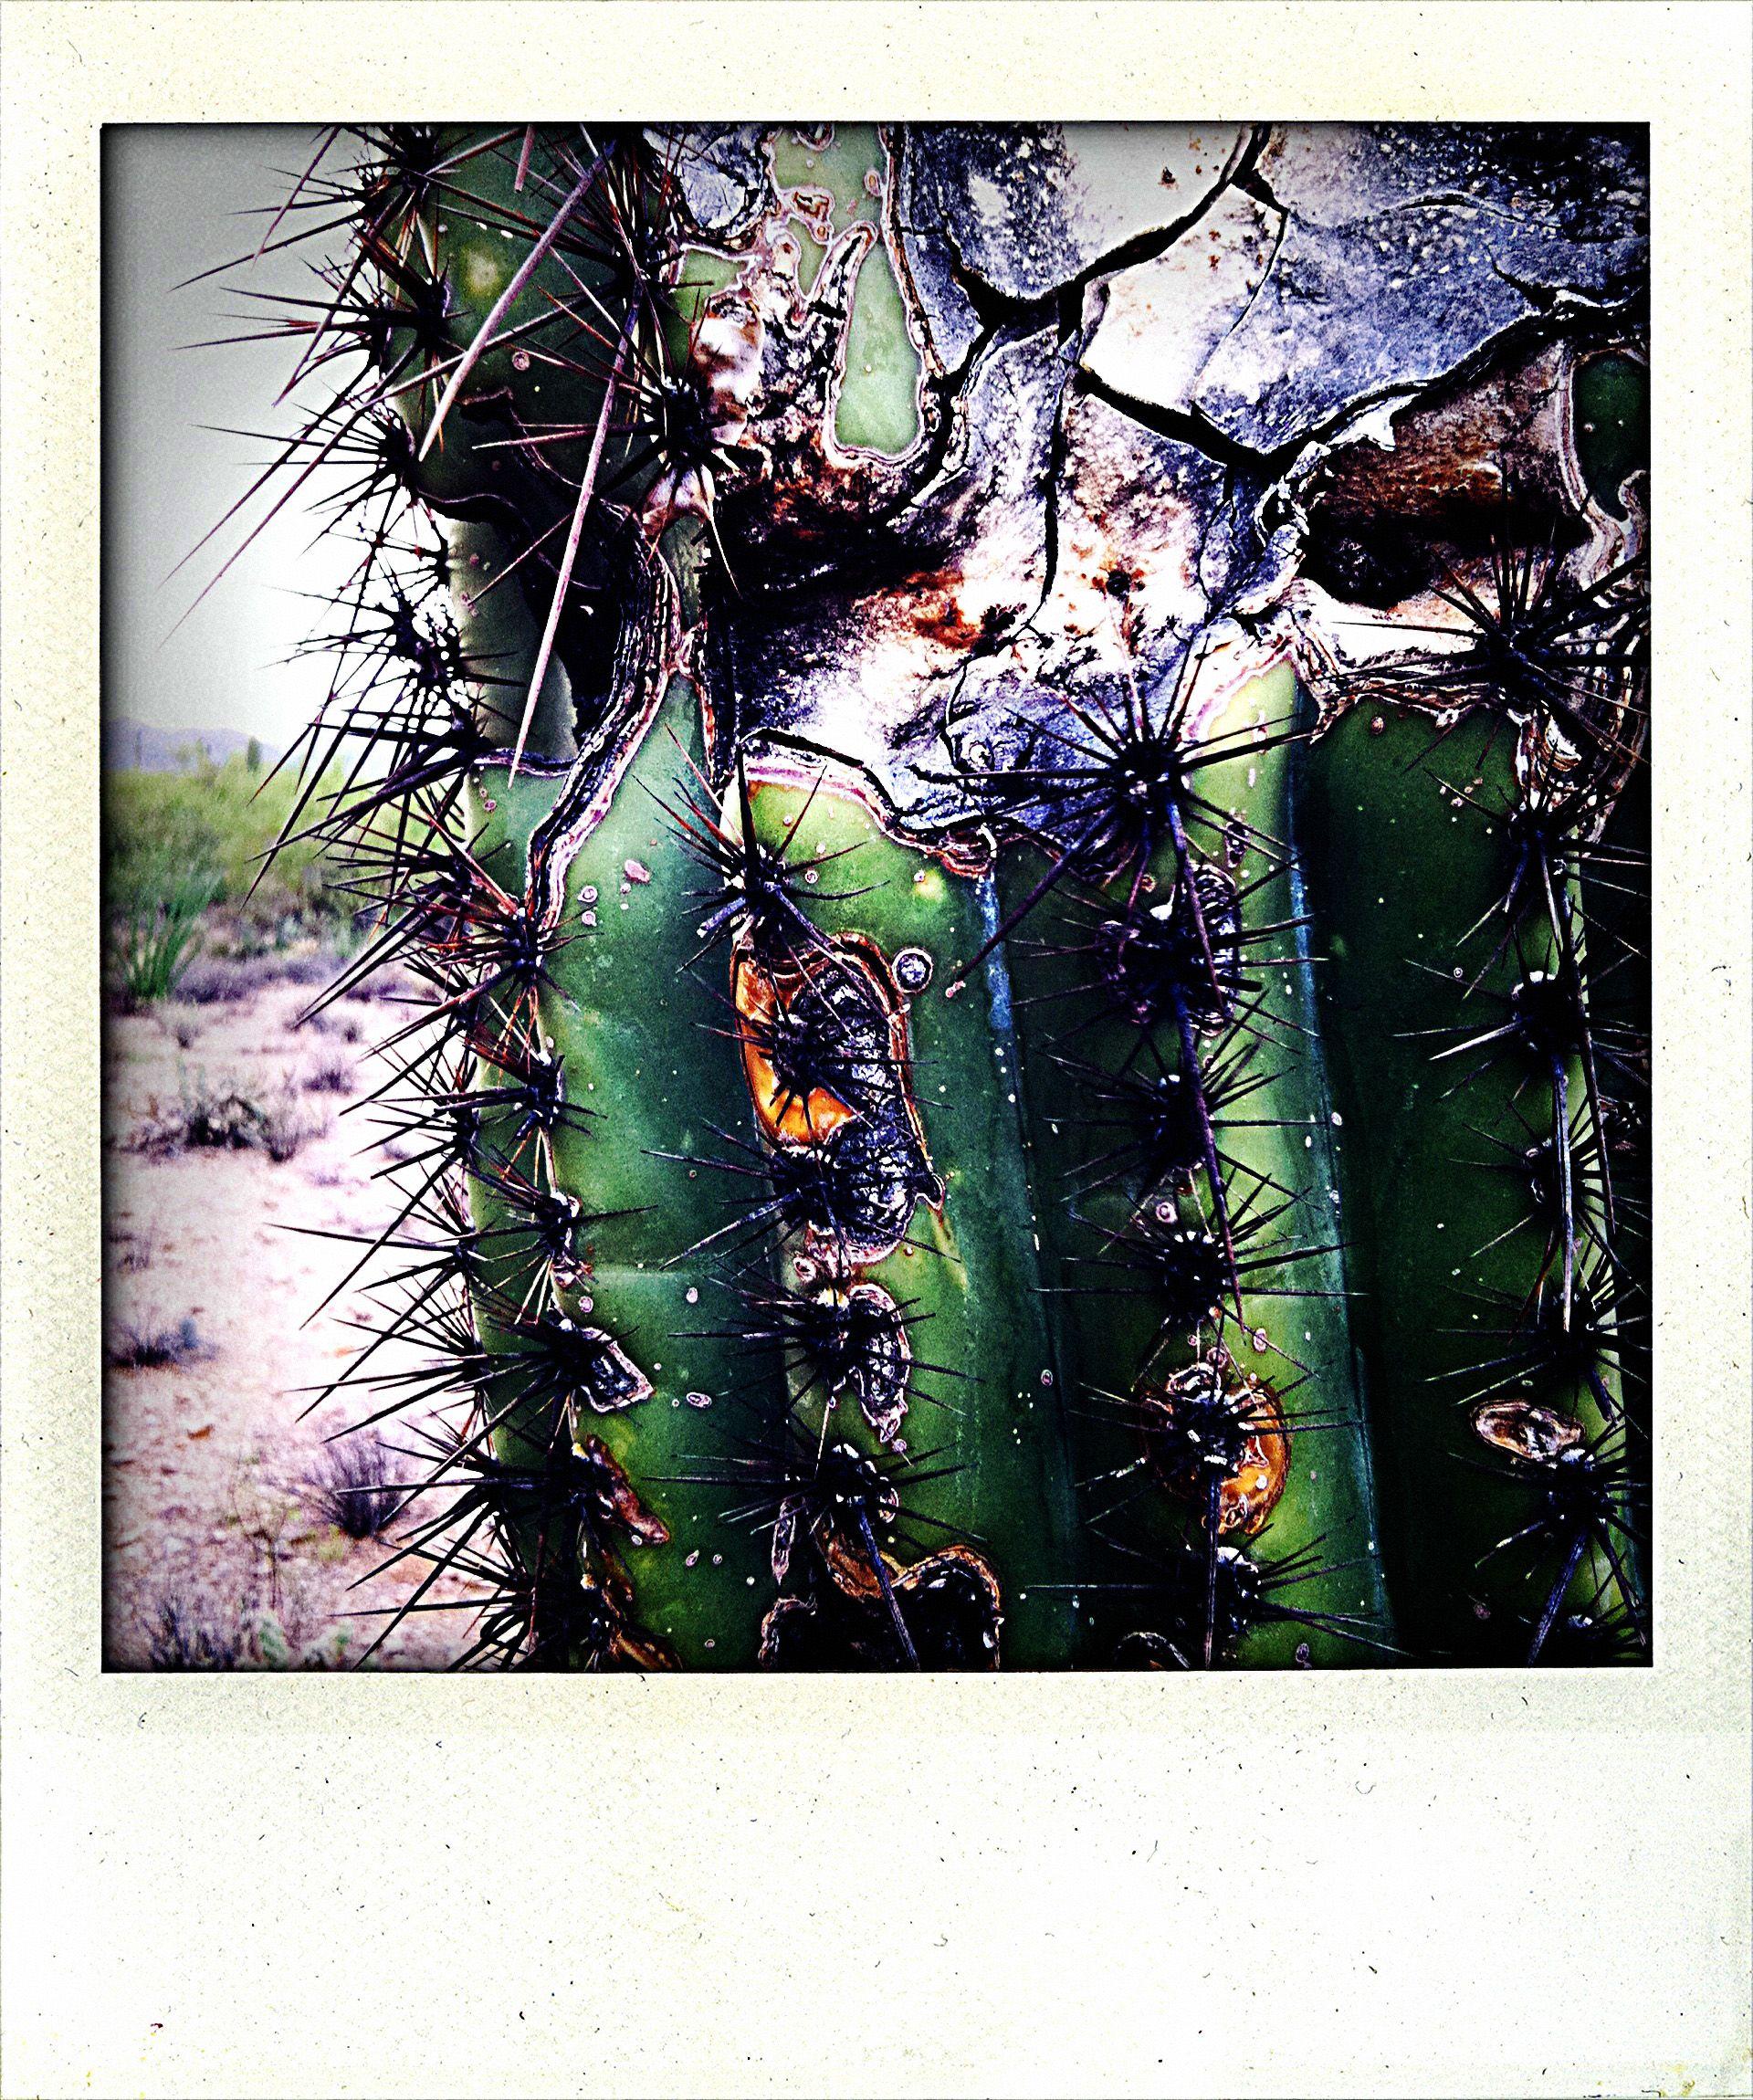 ...Saguaro cactus (Arizona).